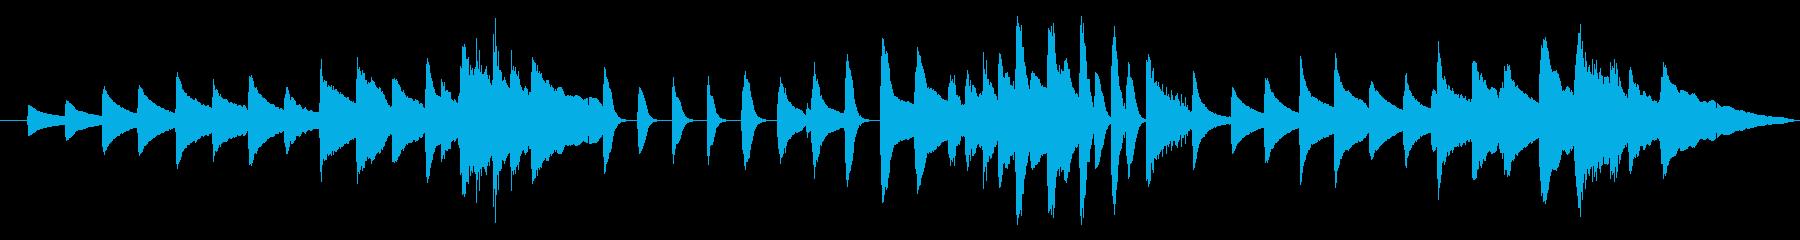 きらきら星 変奏9(リピート無し)の再生済みの波形